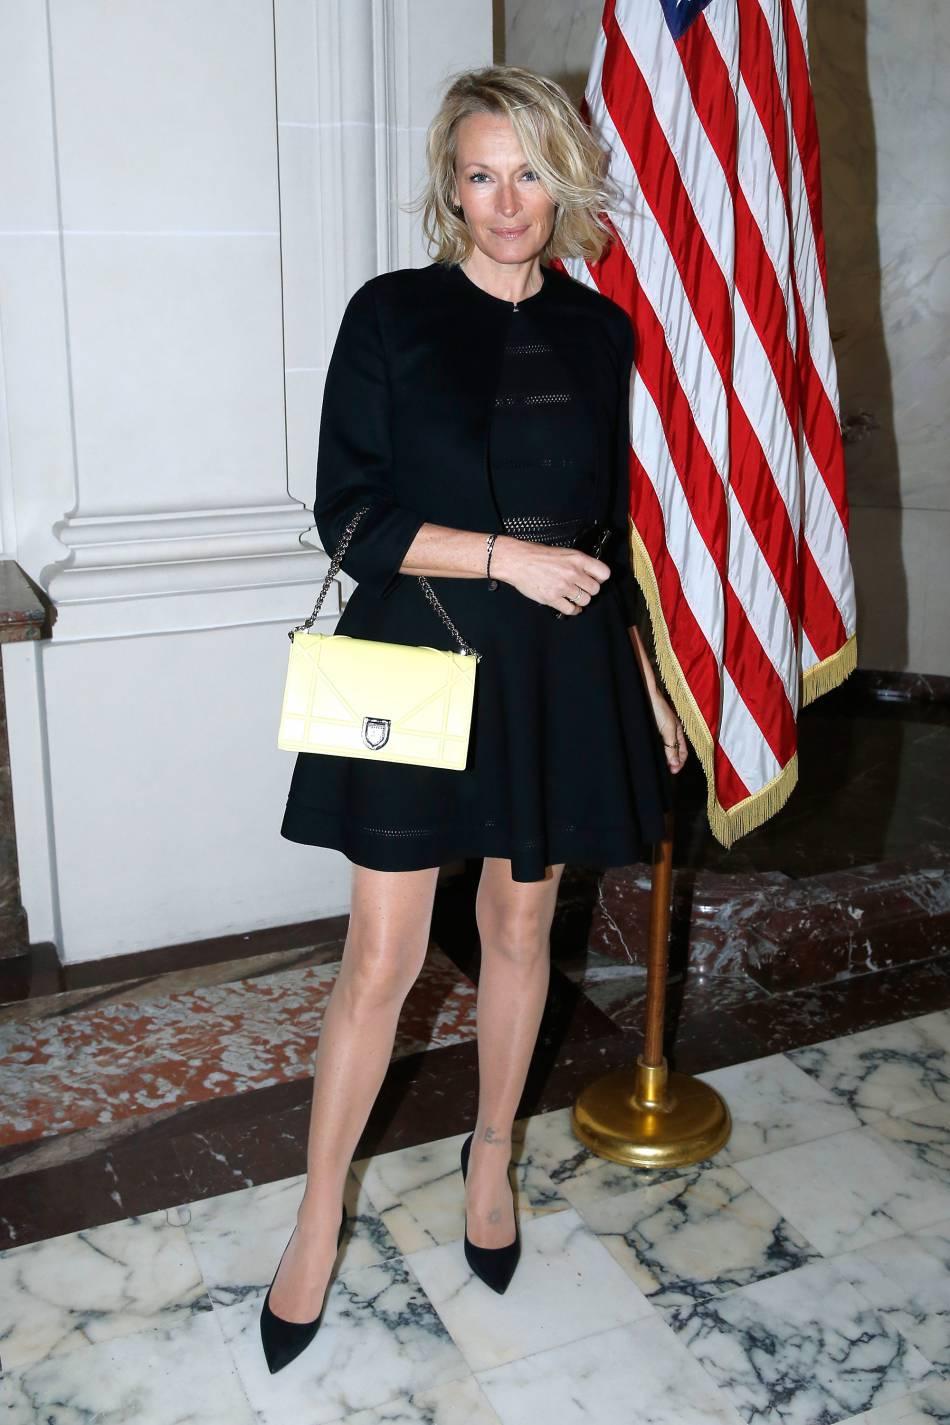 Estelle mise sur une robe et un sac Christian Dior pour un bien joli look.